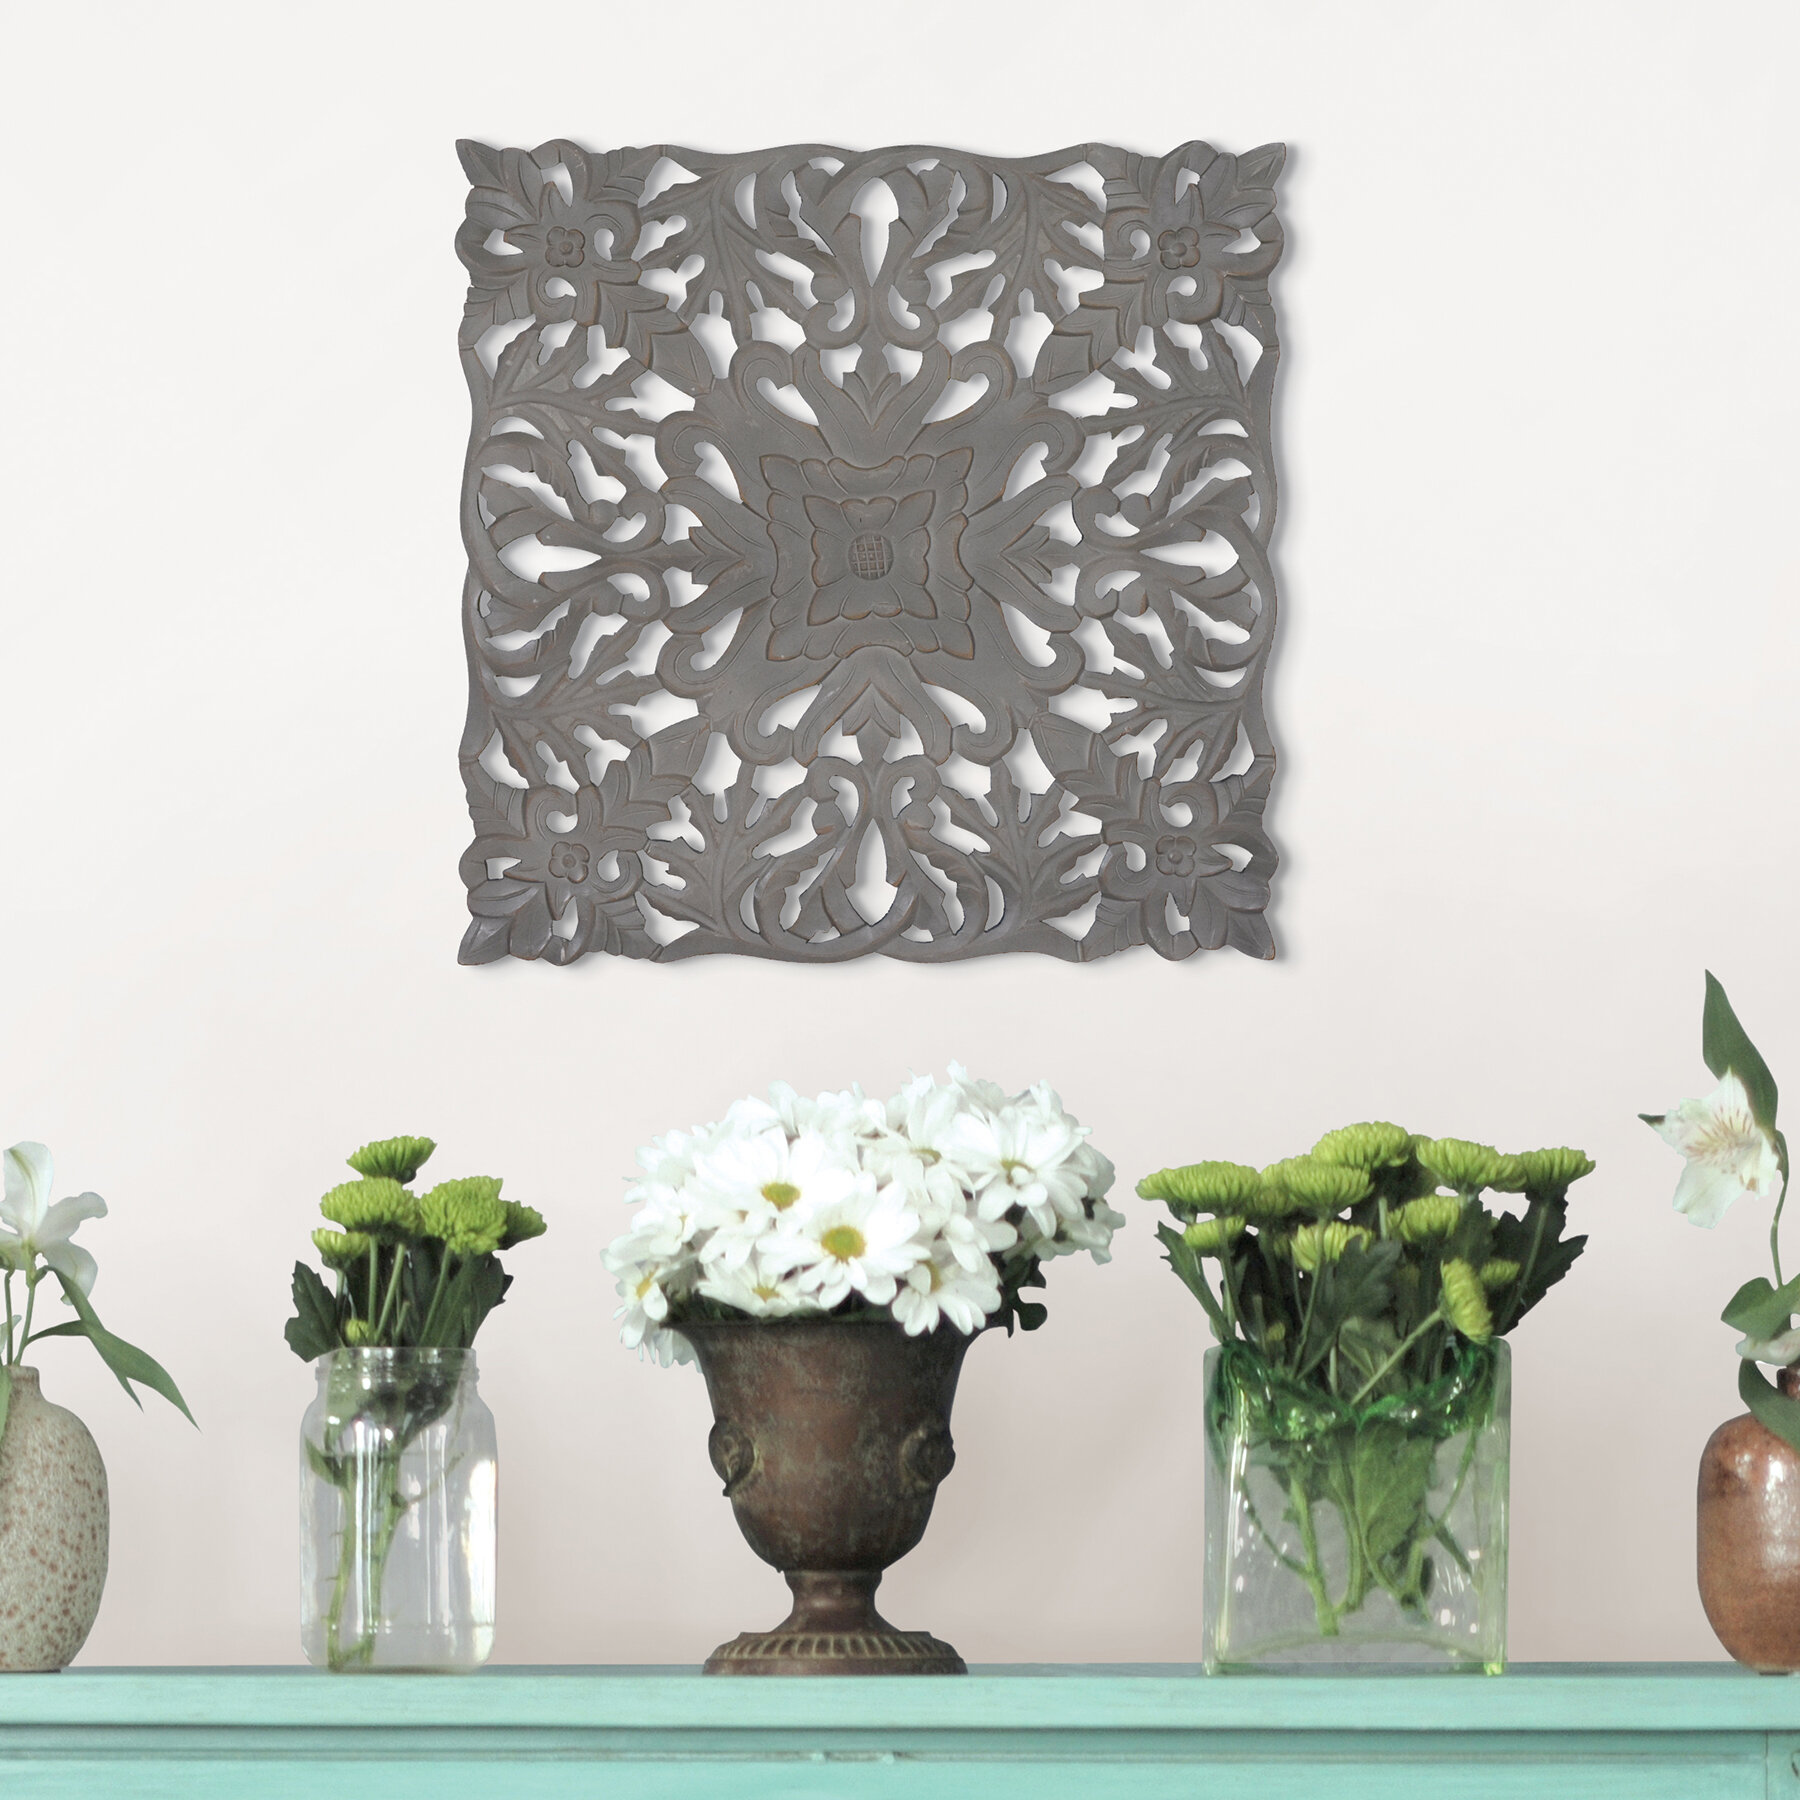 Fetco Home Decor Seth Decorative Ledge Wall Shelf u0026 Reviews | Wayfair